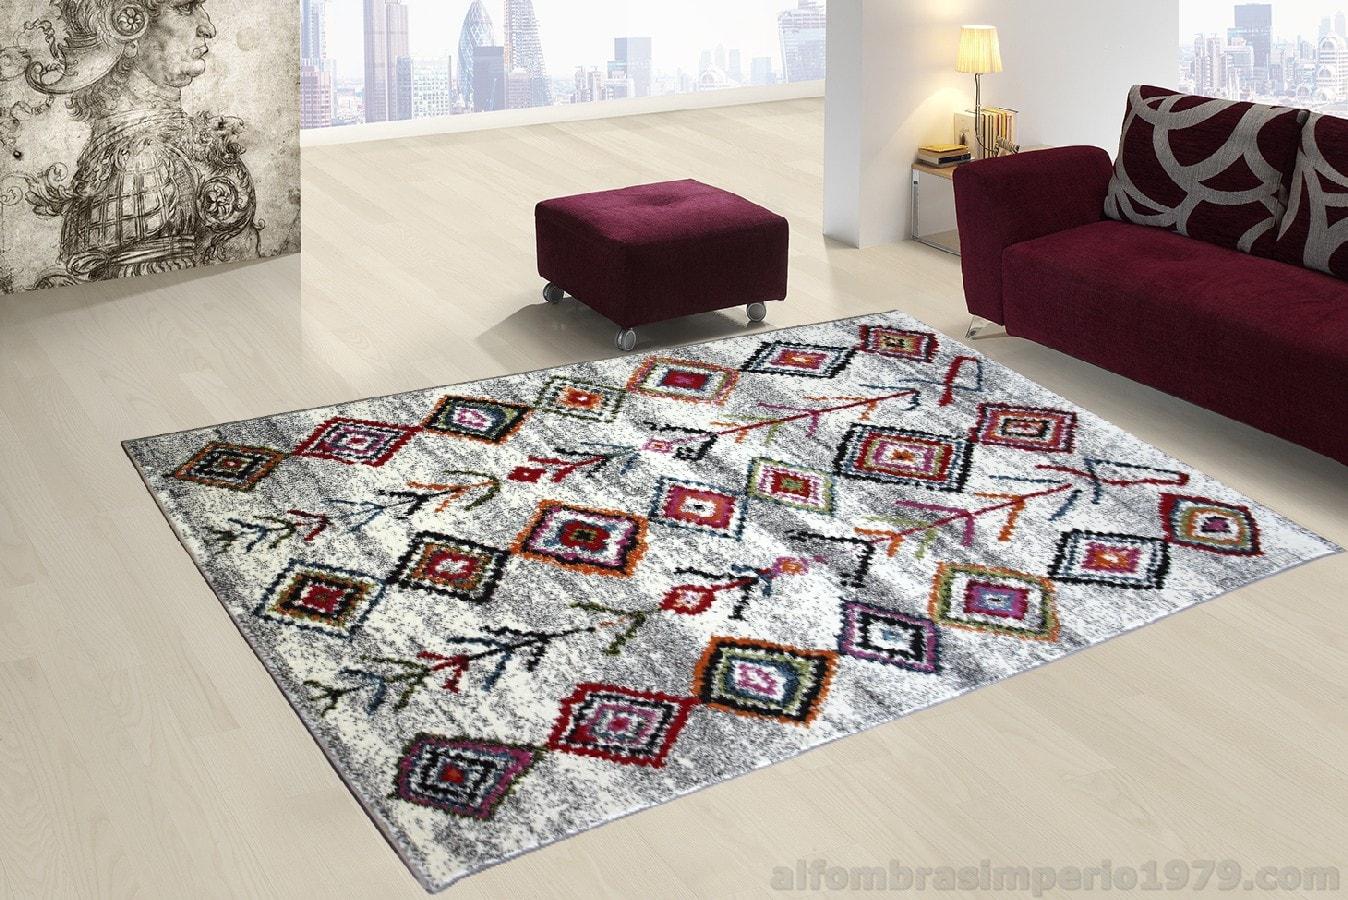 Alfombras imperio 1979 tienda de alfombras online - Alfombras online modernas ...